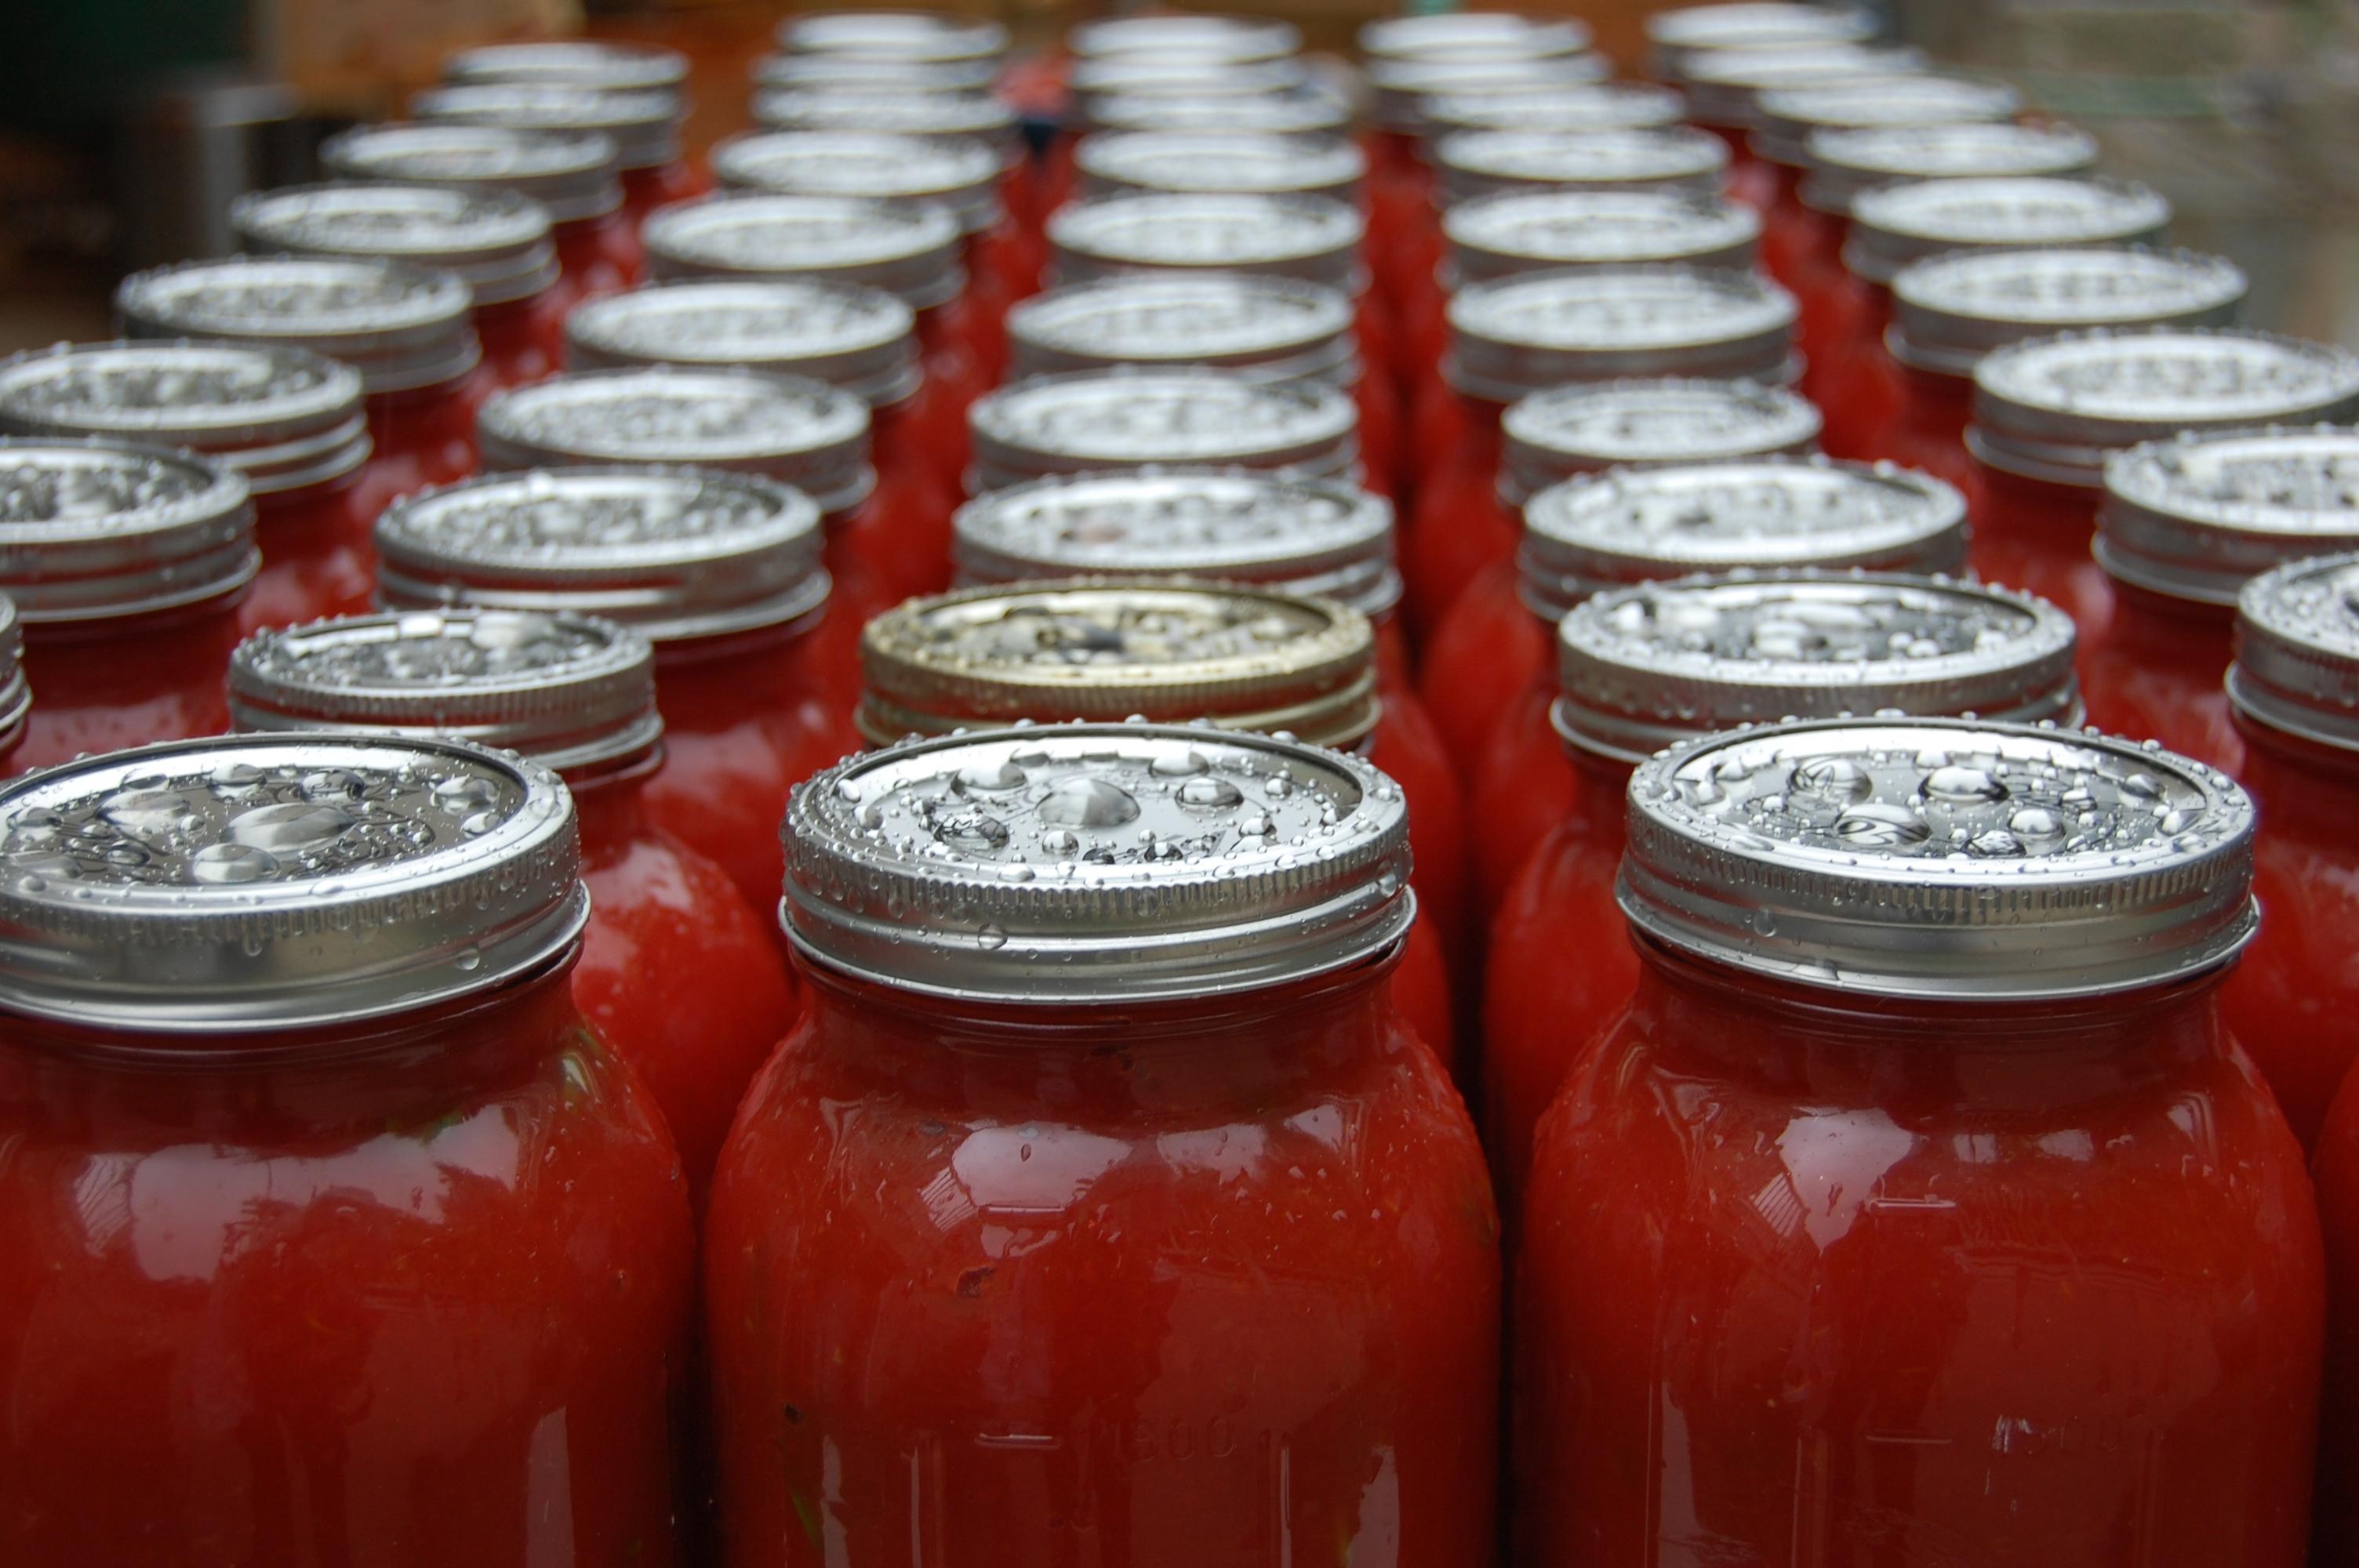 پلمب یک واحد تولیدی رب گوجه فرنگی در زرند